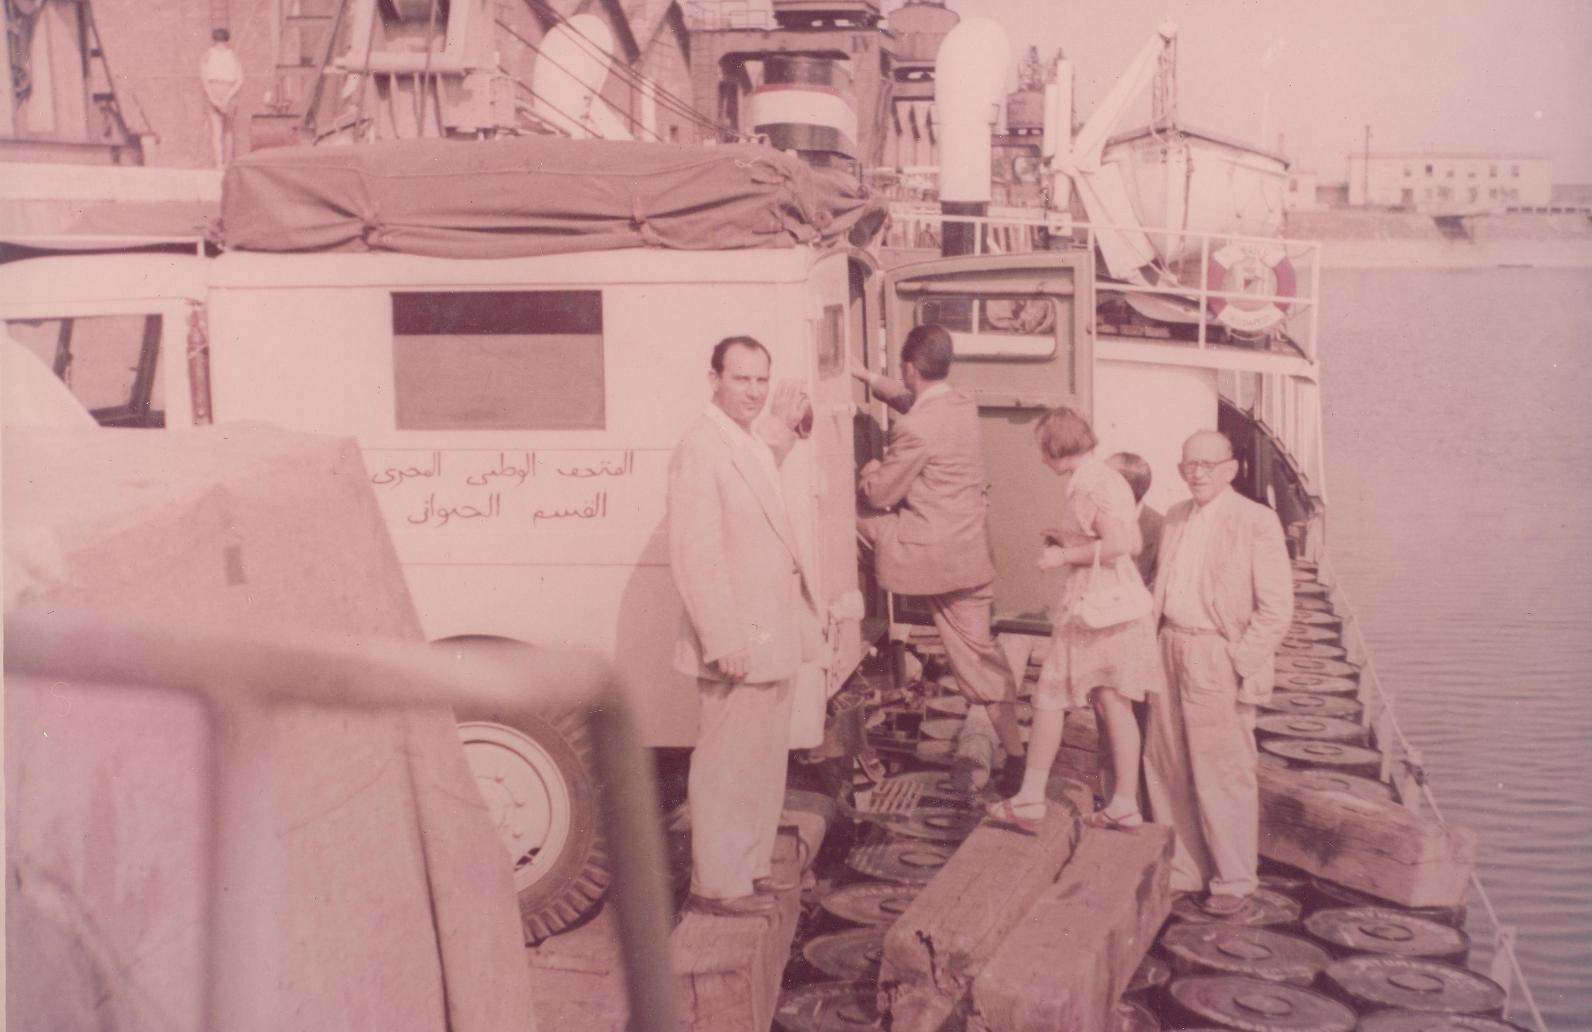 Szemle a fedélzeten: Kaszab Zoltán és Boros István igazgatók néznek a kamerába.